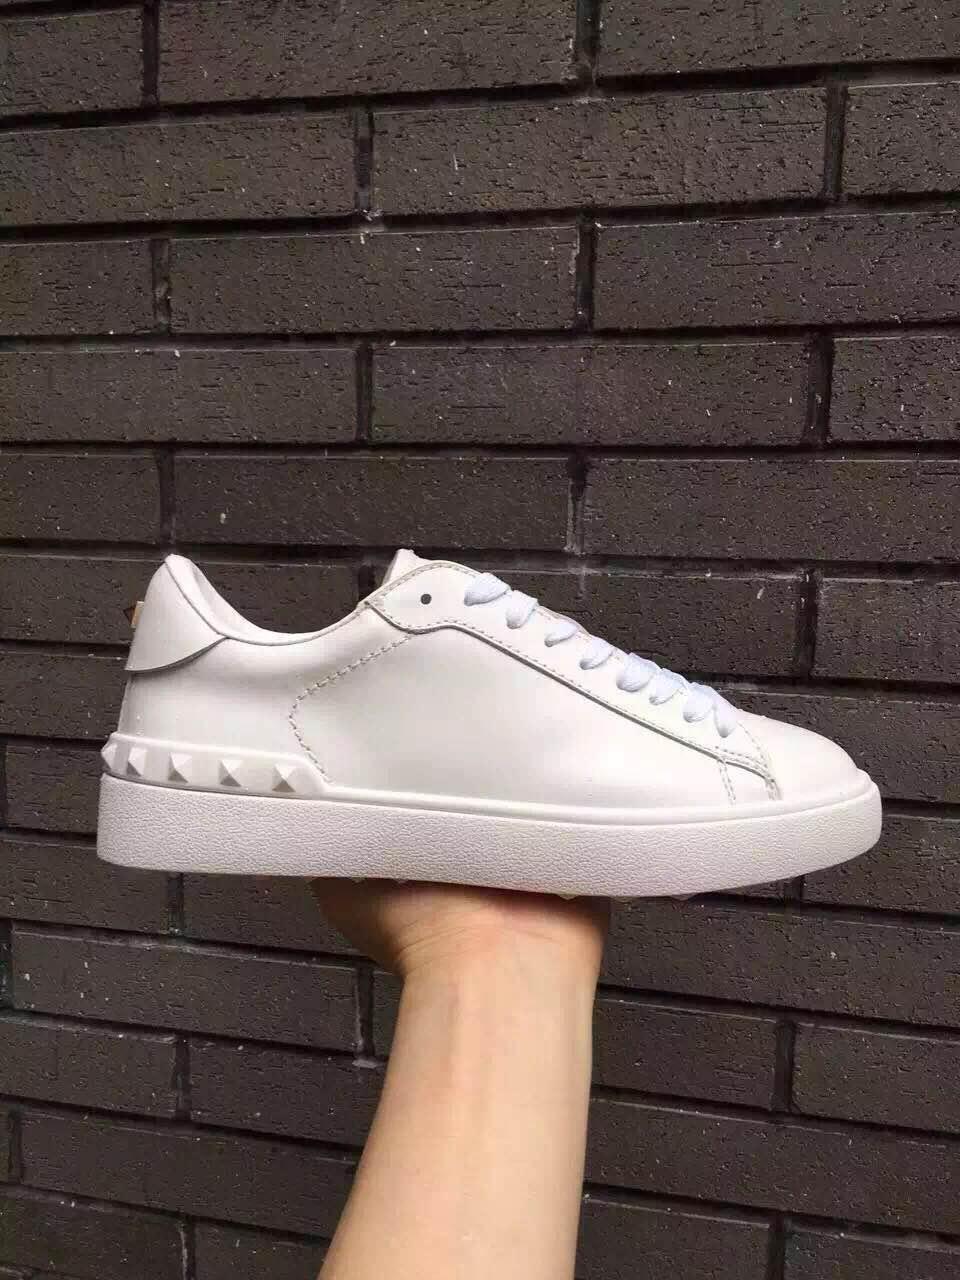 migliore qualità ~ u622 40/41/42/43/44 bianchi di cuoio genuini unisex delle scarpe da tennis delle donne degli uomini causale scarpe pista voga moda di lusso